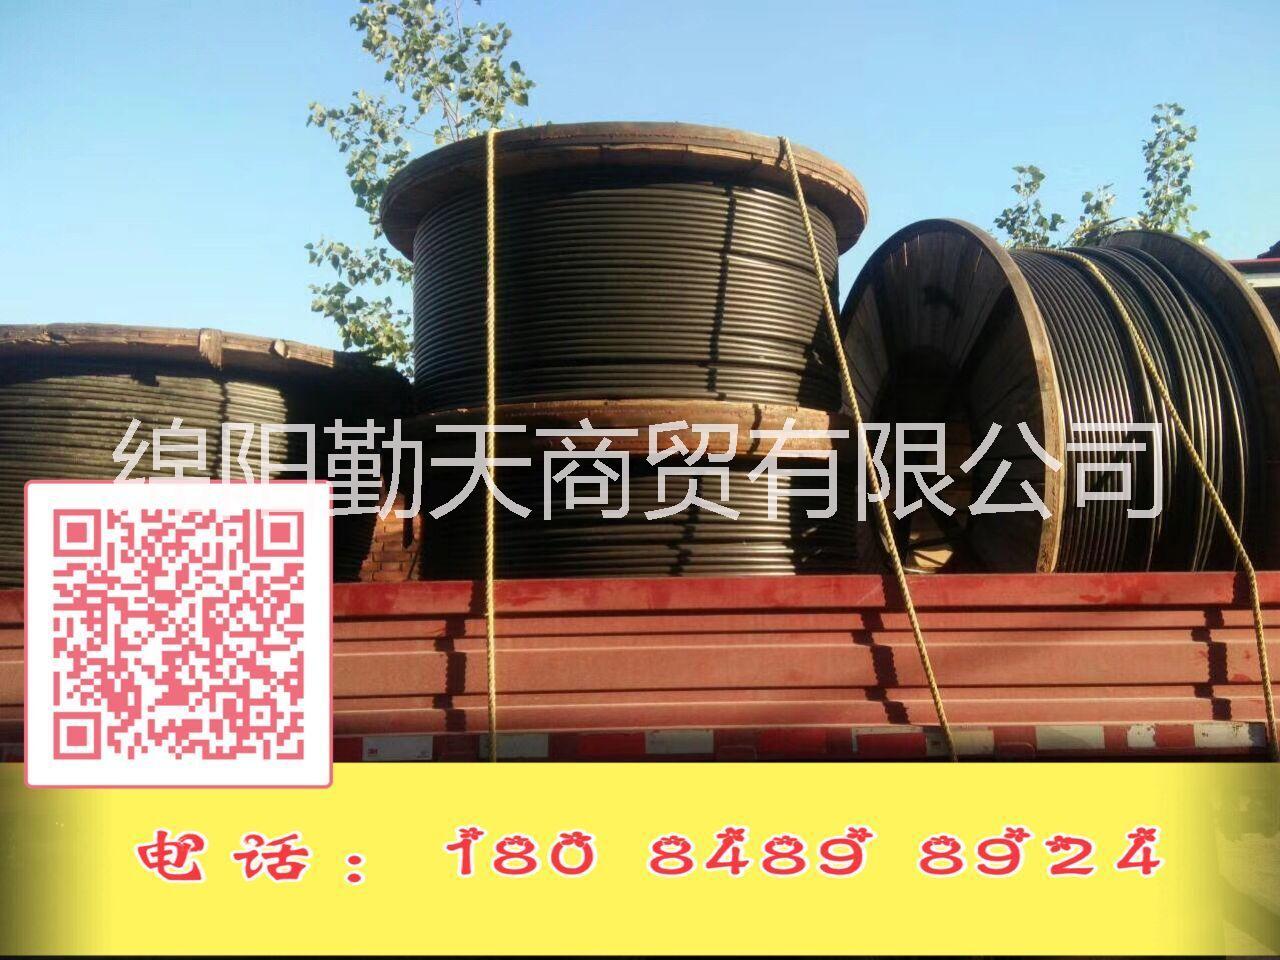 四川甘孜现金高价回收通信设备12芯至288芯单模光缆上门回收